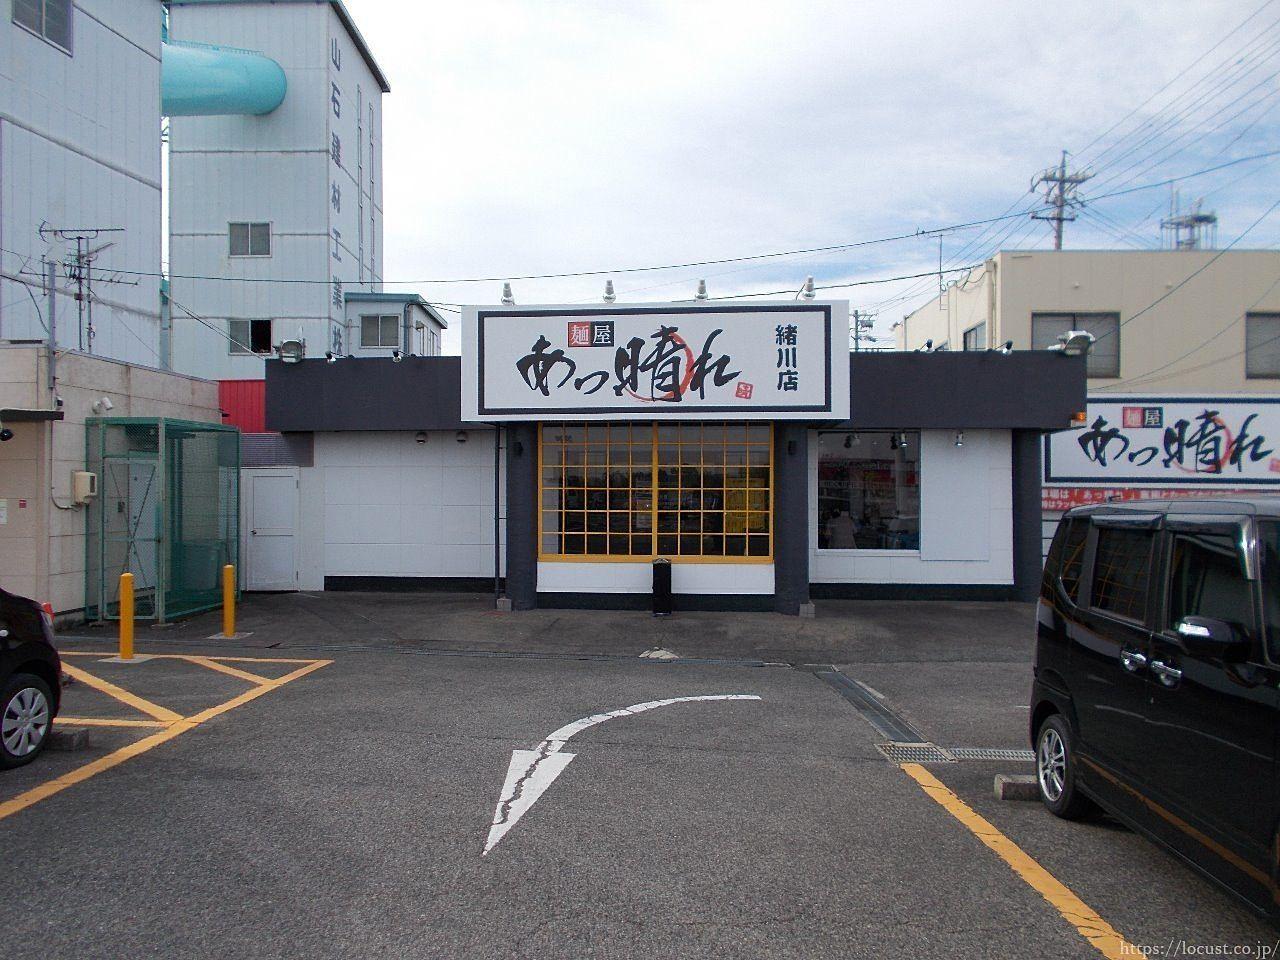 パチンコ屋さんの駐車場に建つ店舗。駐車場の心配なし。